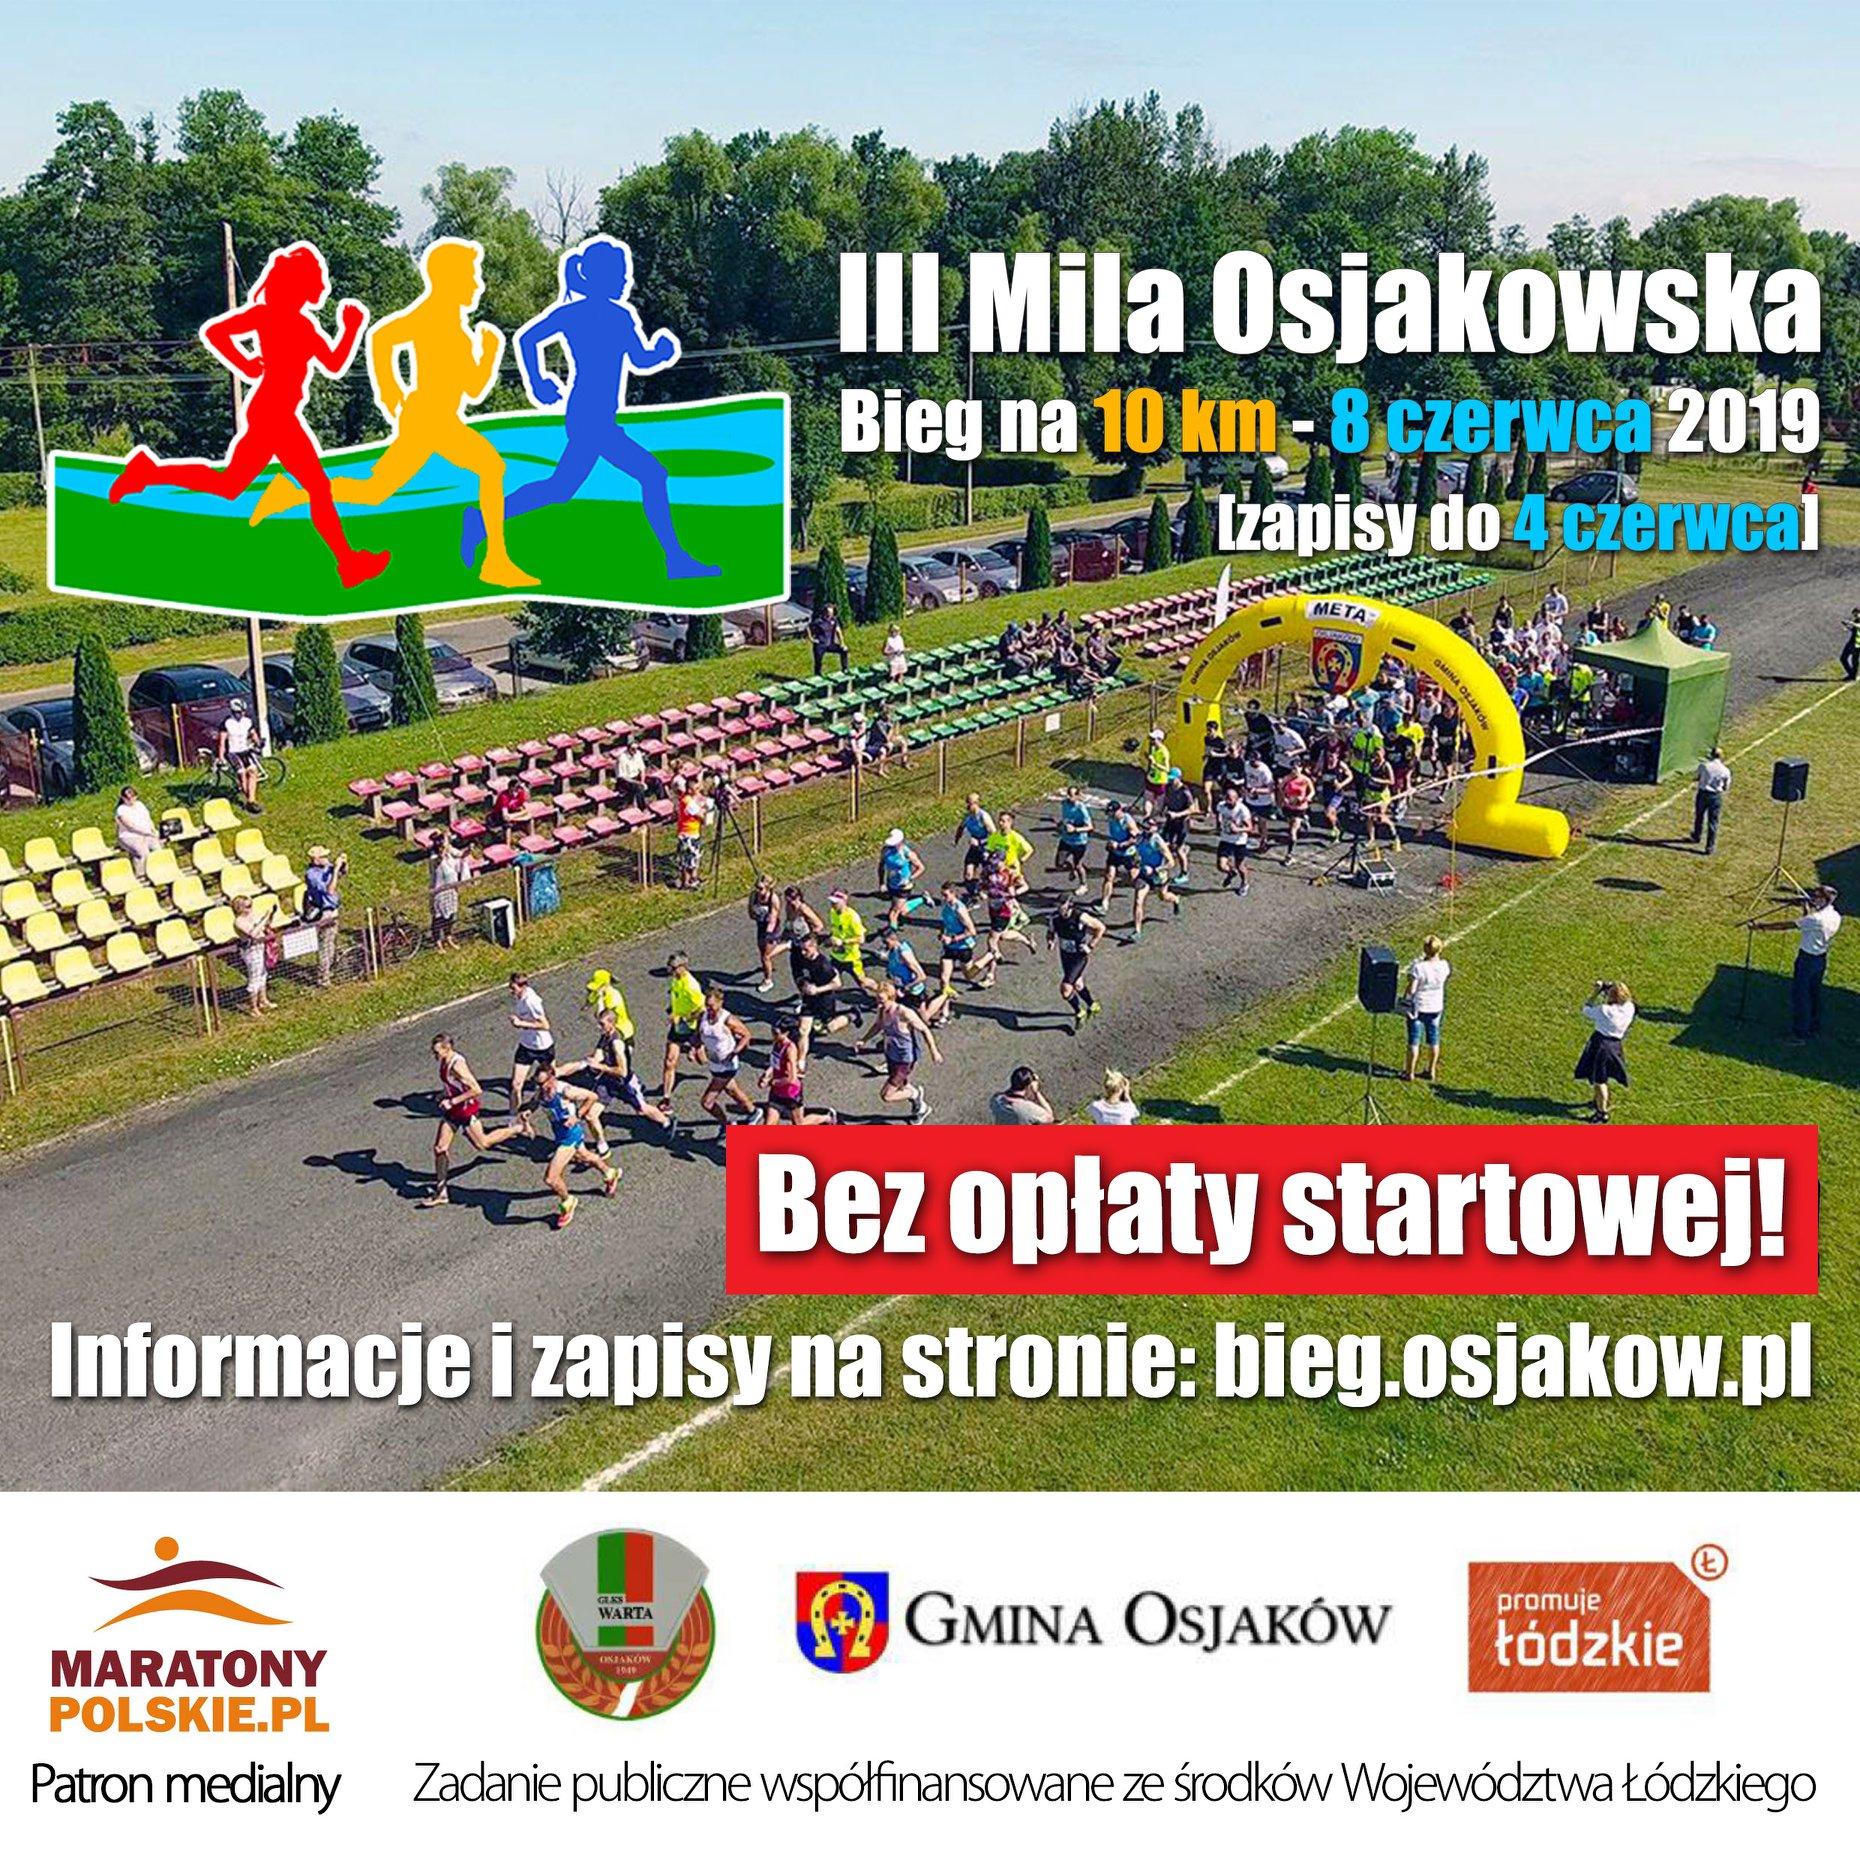 Bieg na 10 km w Osjakowie. Udział w biegu jest bezpłatny, nie ma opłaty startowe...